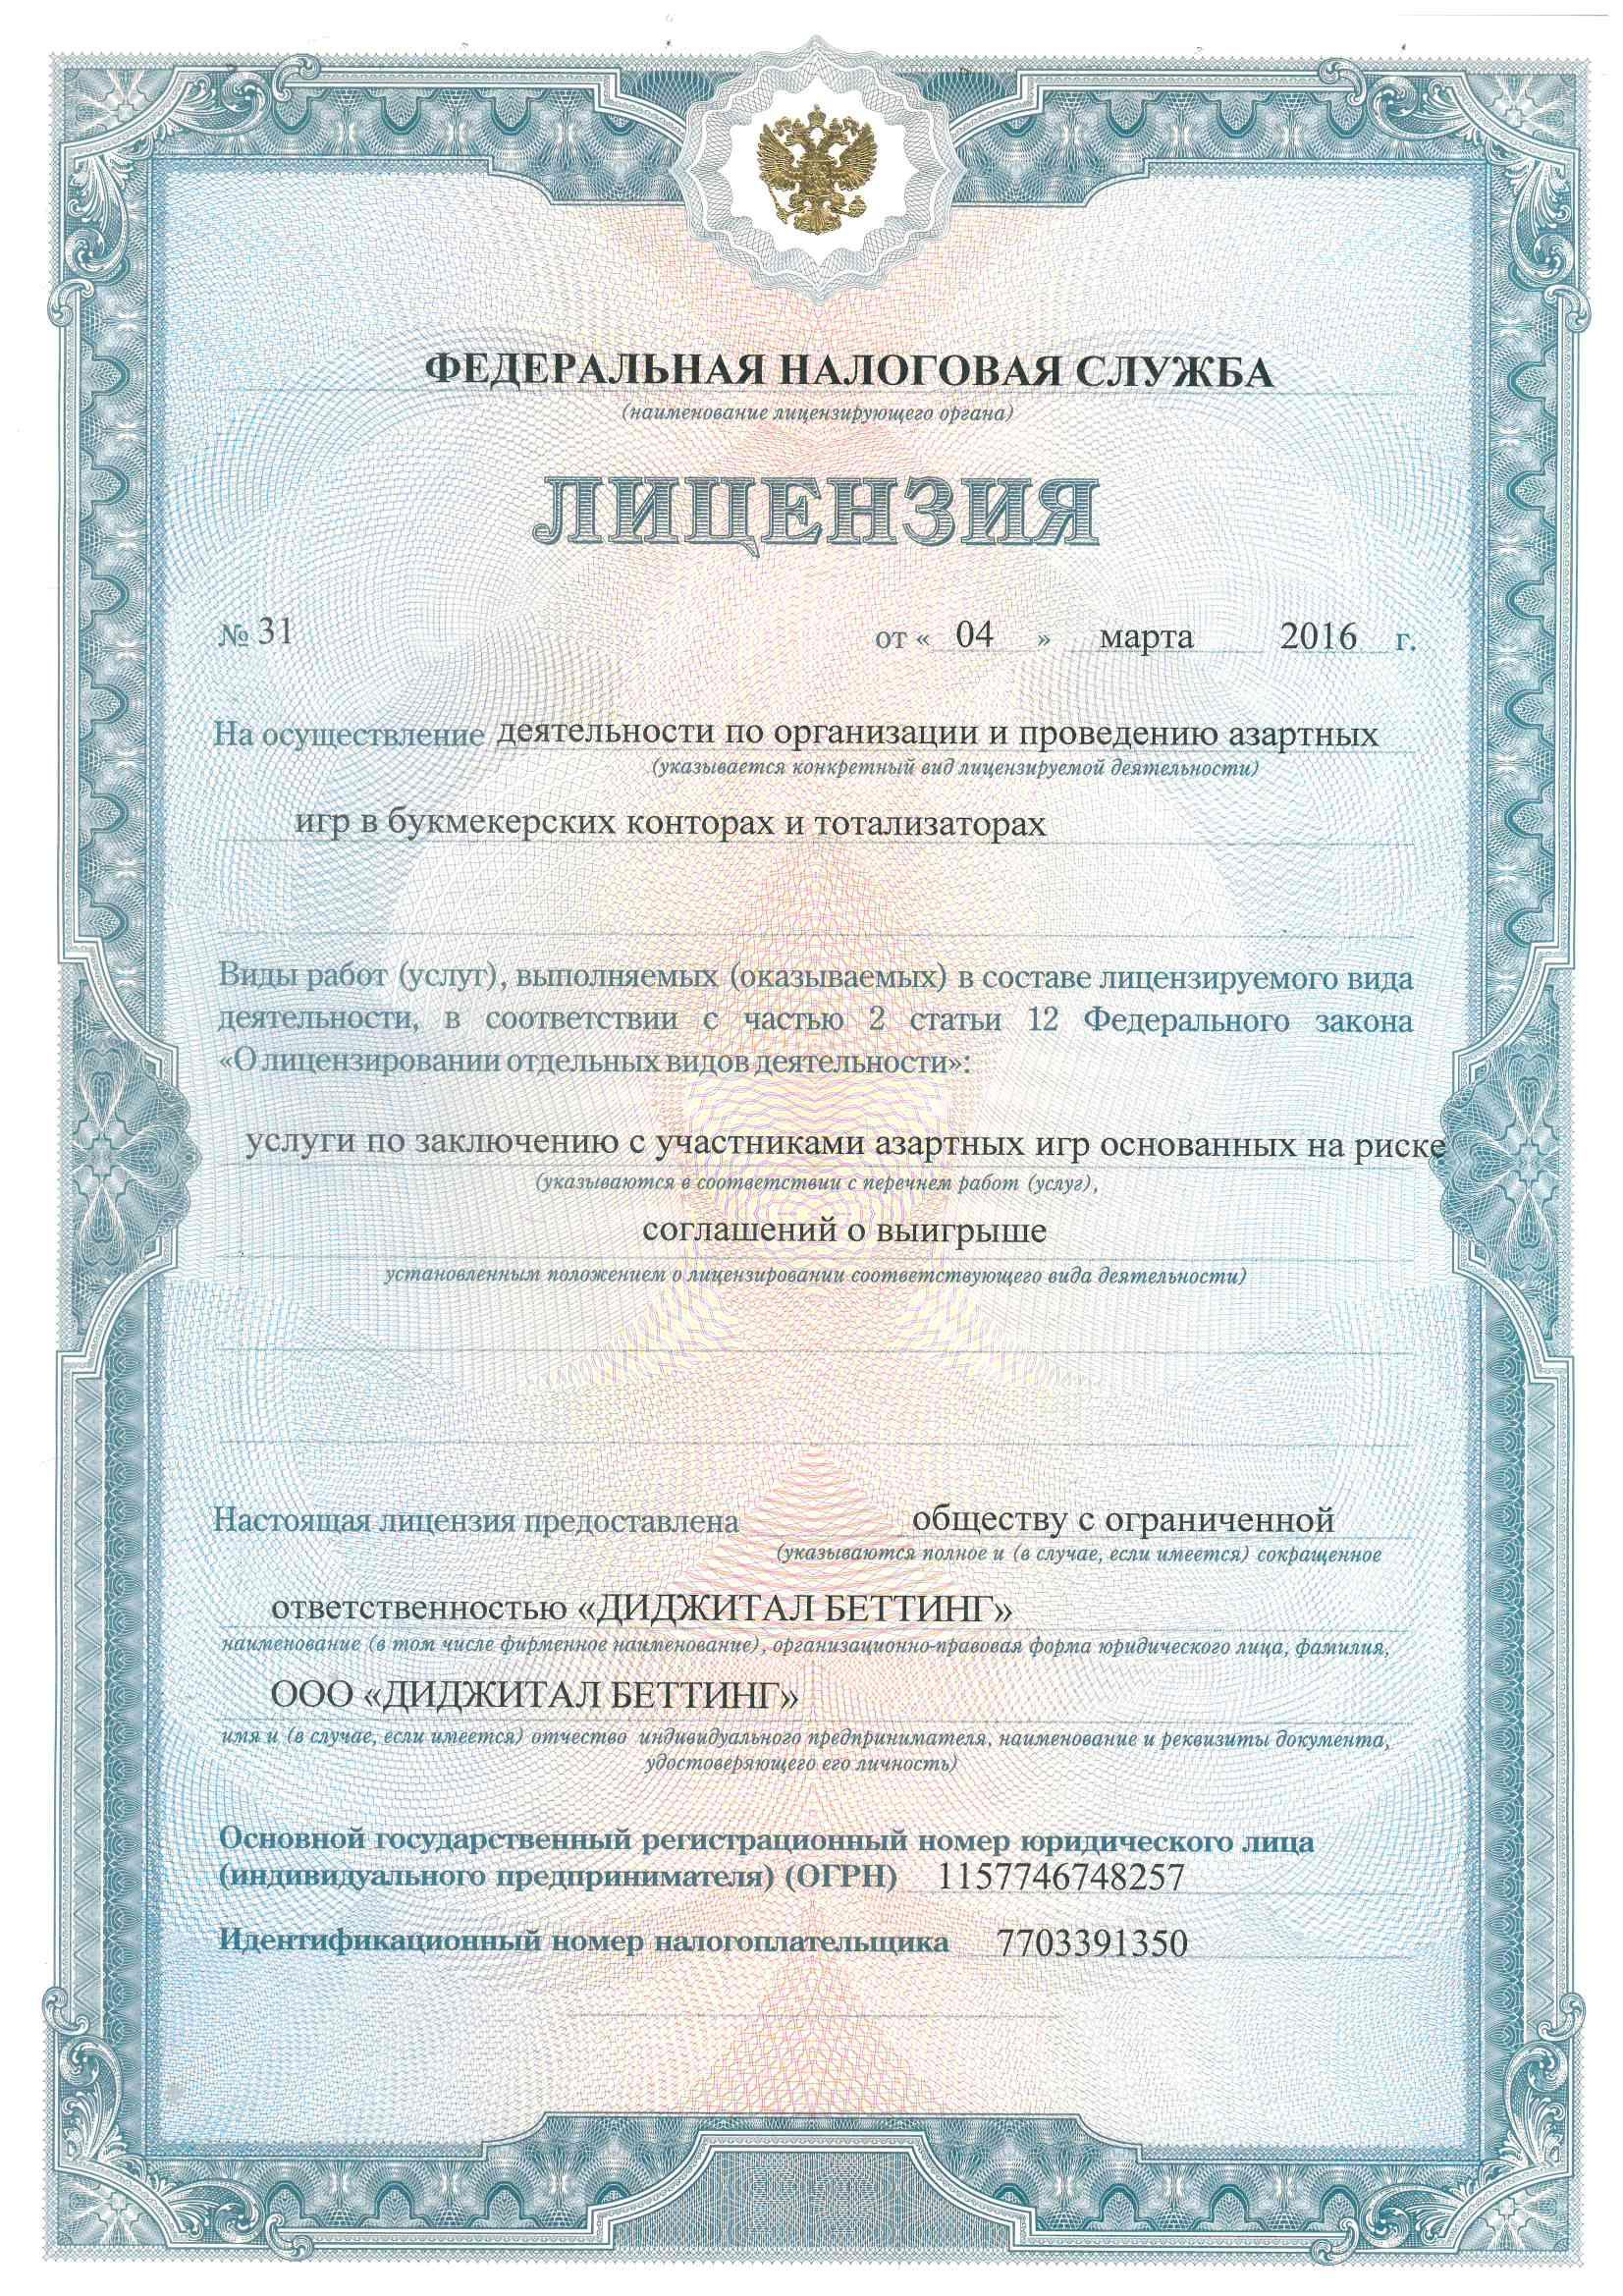 ООО «Диджетал Беттинг» получила игорную лицензию №31 ФНС на территории Российской Федерации 30 марта 2020 года.